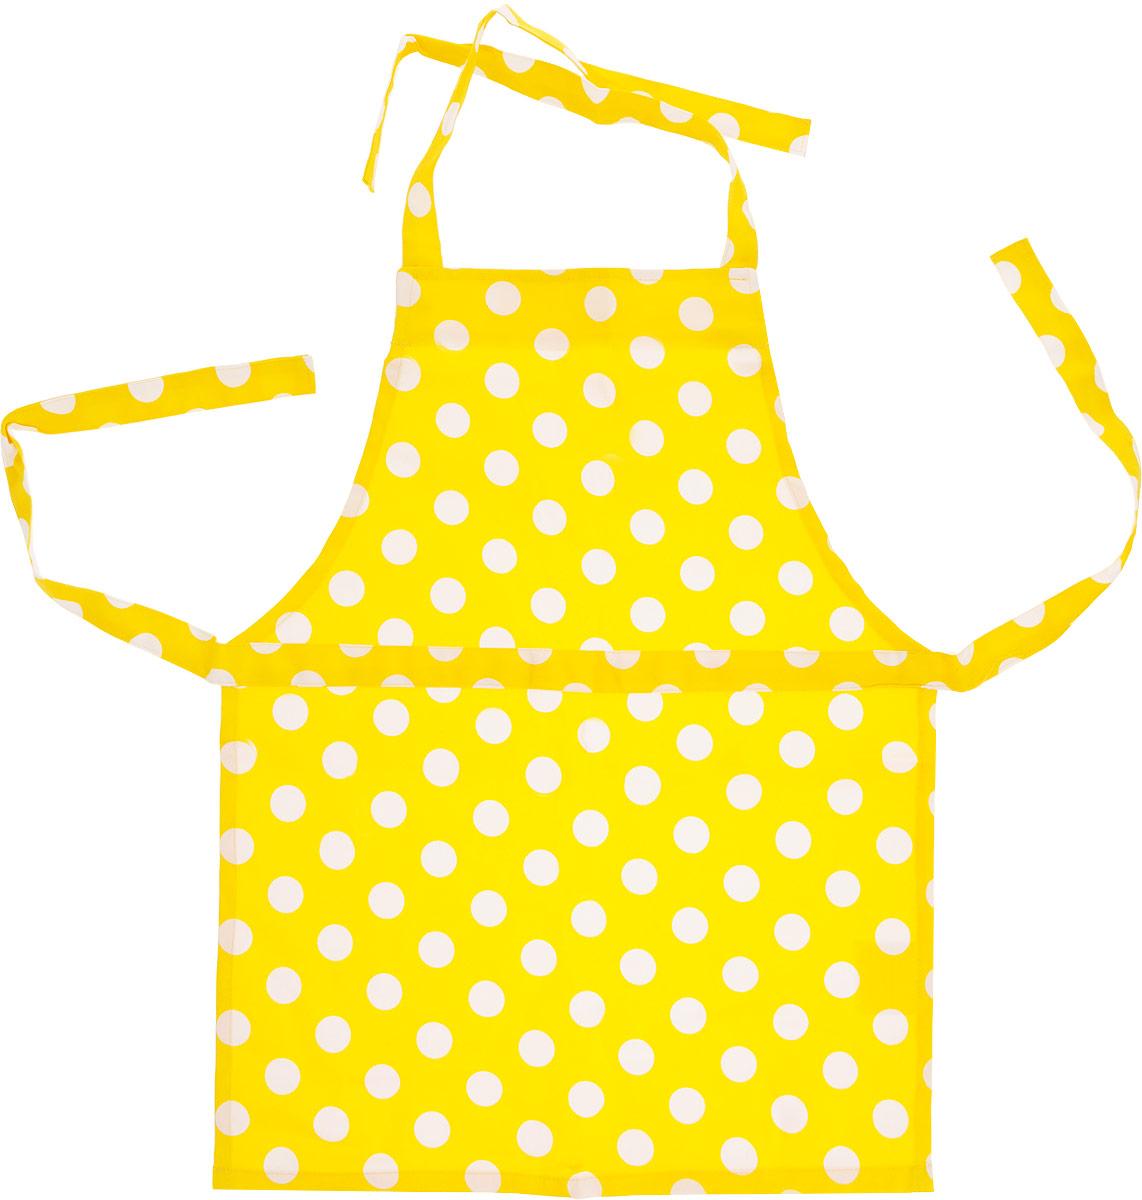 Детский фартук Мамины помощники даст возможность почувствовать вашей девочке себя в роли настоящей хозяйки и принять активное участие в приготовлении различных блюд.Замечательный передник обязательно привлечет внимание ярко-желтой расцветкой и непременно понравится вашему ребенку.Кухонный фартук выполнен из качественного материала, приятного на ощупь.На обратной стороне упаковки. в которую упакован фартук расположен рецепт пиццы, которую легко приготовить вместе.